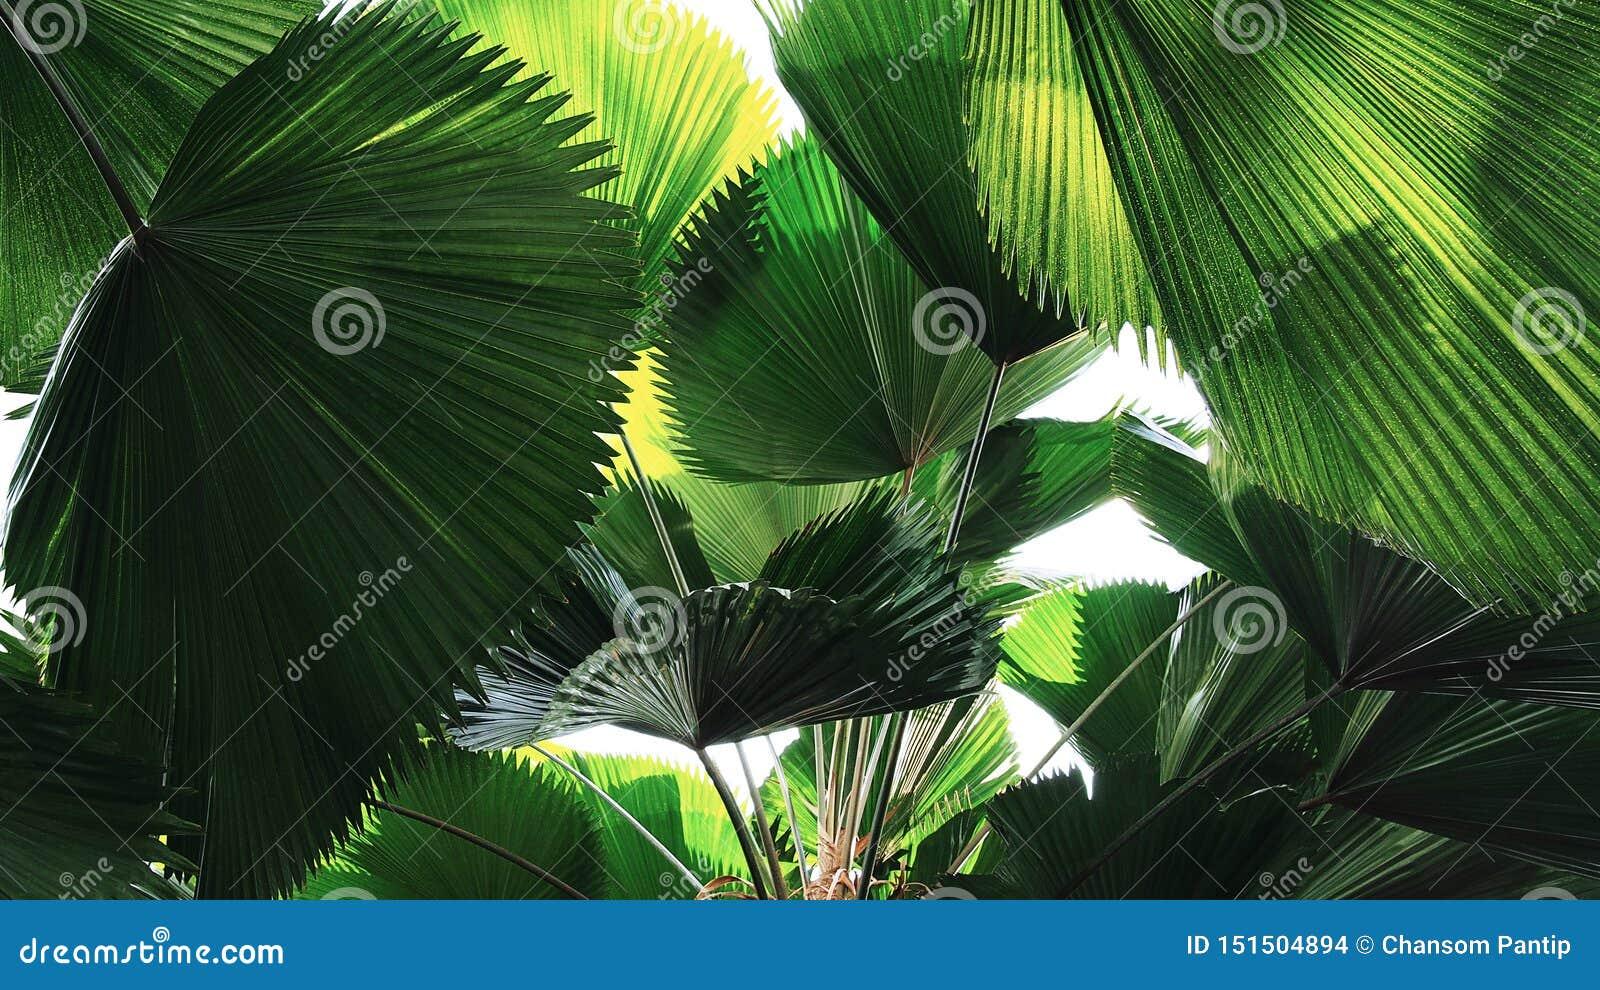 Το τροπικό σχέδιο φύλλων φοινικών ανεμιστήρων τροπικών δασών φύλλων, αφαιρεί το πράσινο υπόβαθρο φύσης